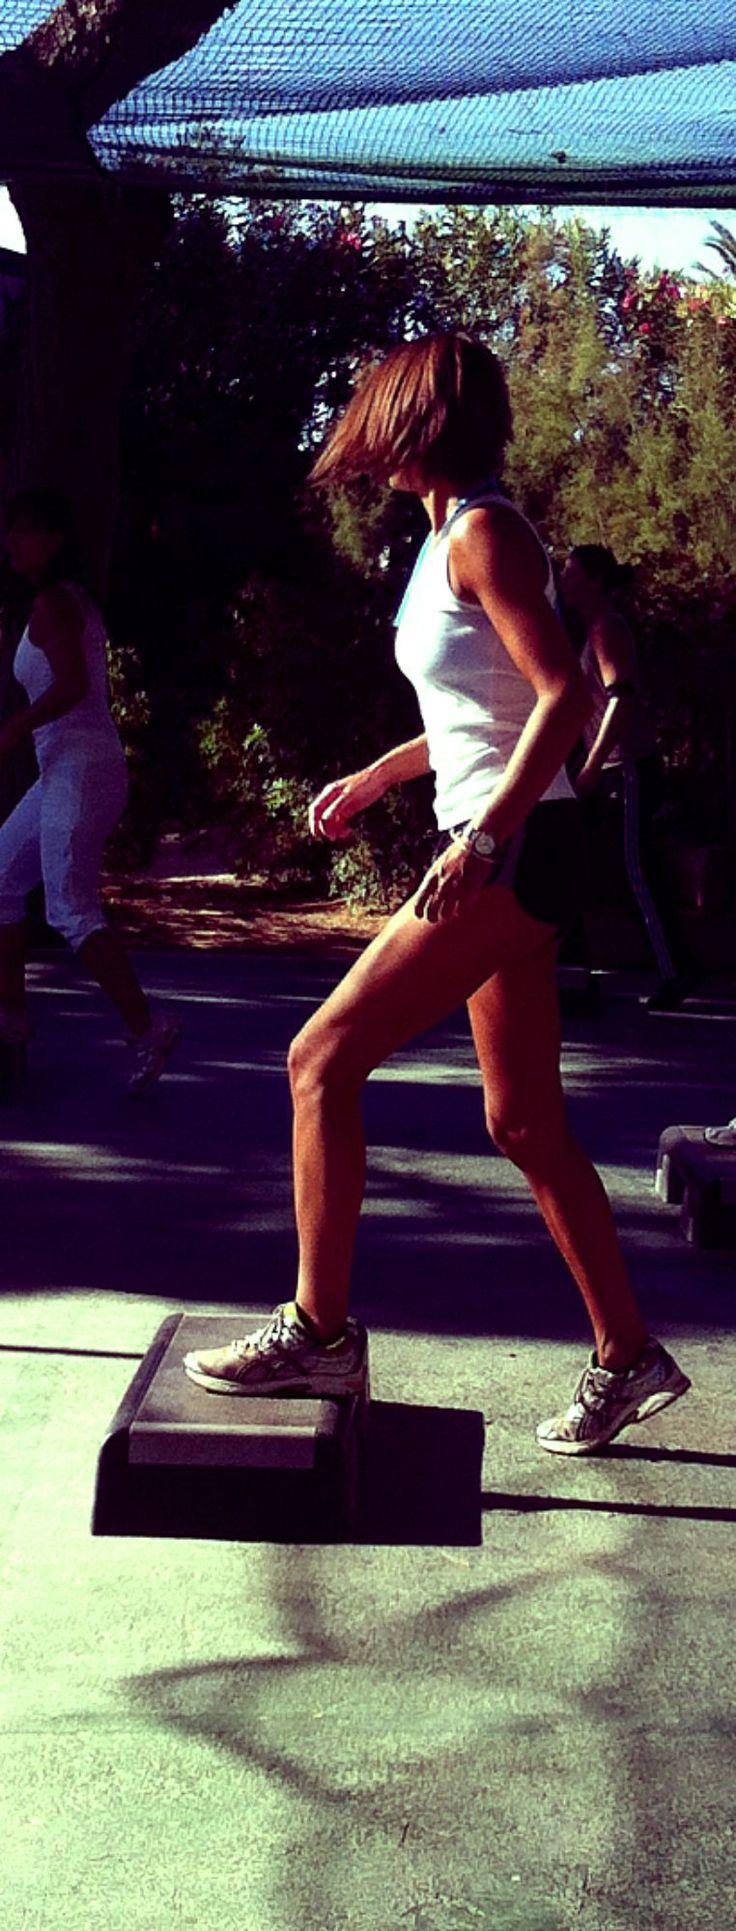 Step aerobics #Aerobics #Fitness #Step